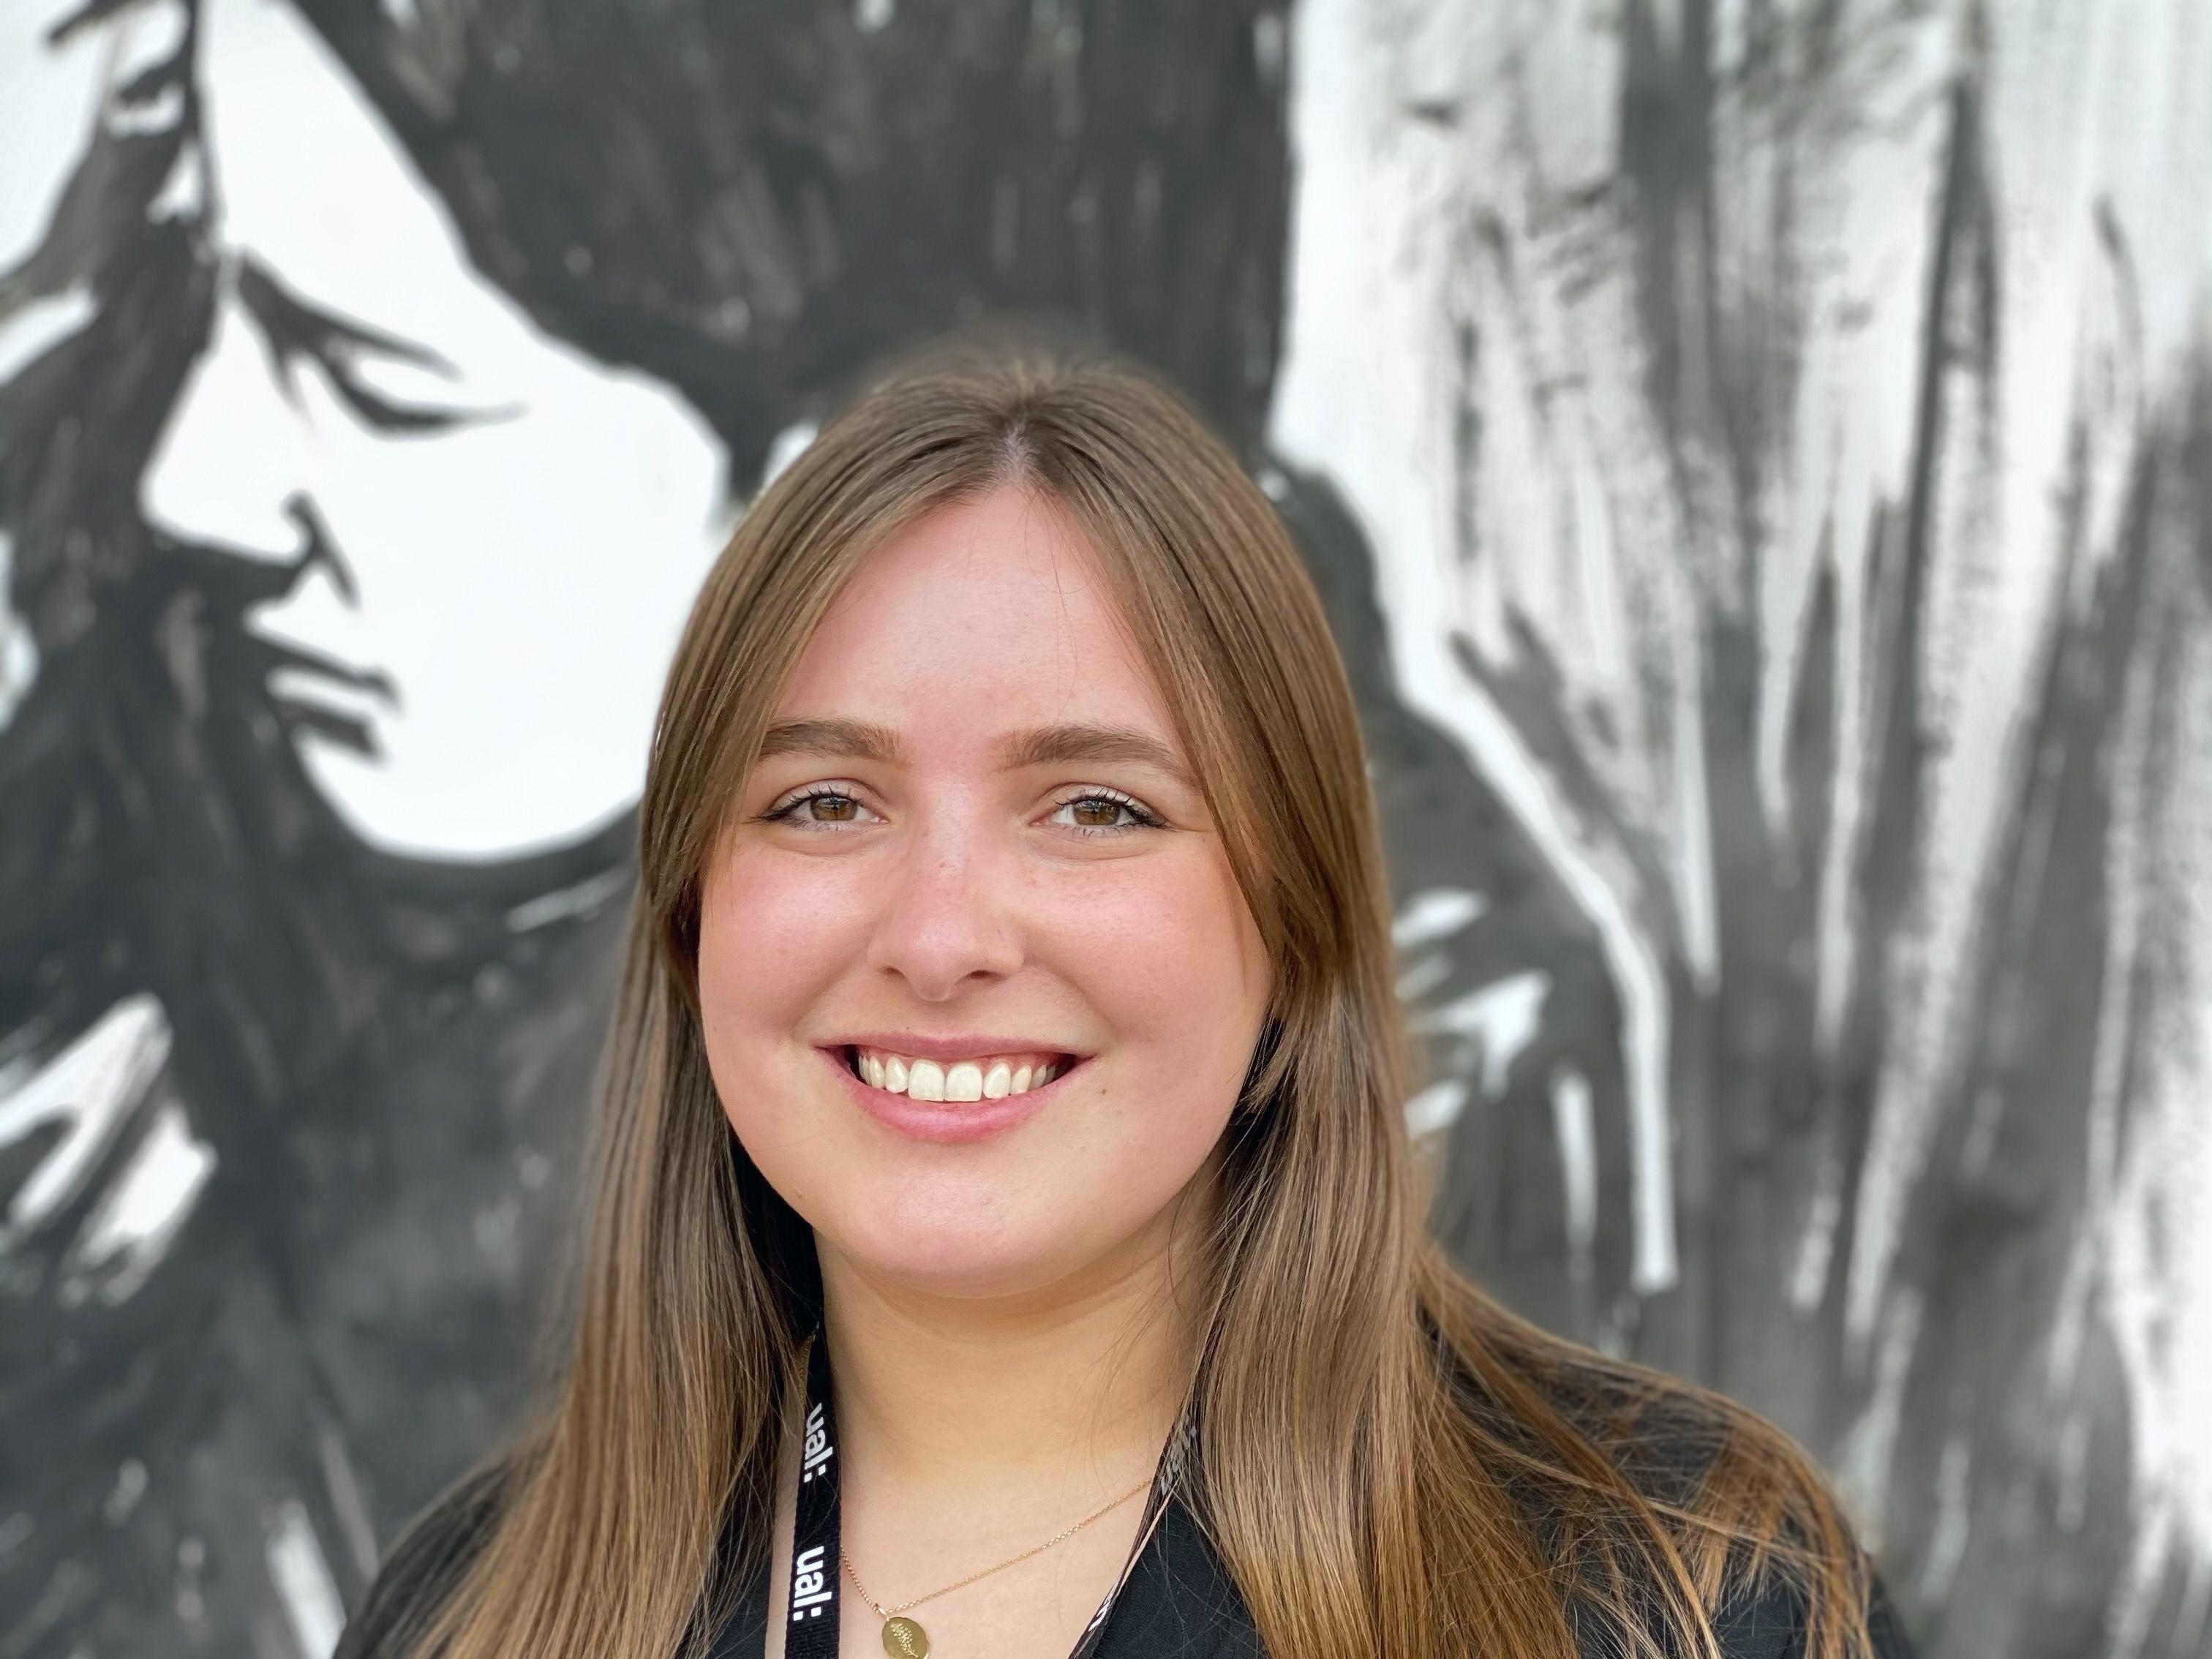 Portrait image of Sophie Bennett